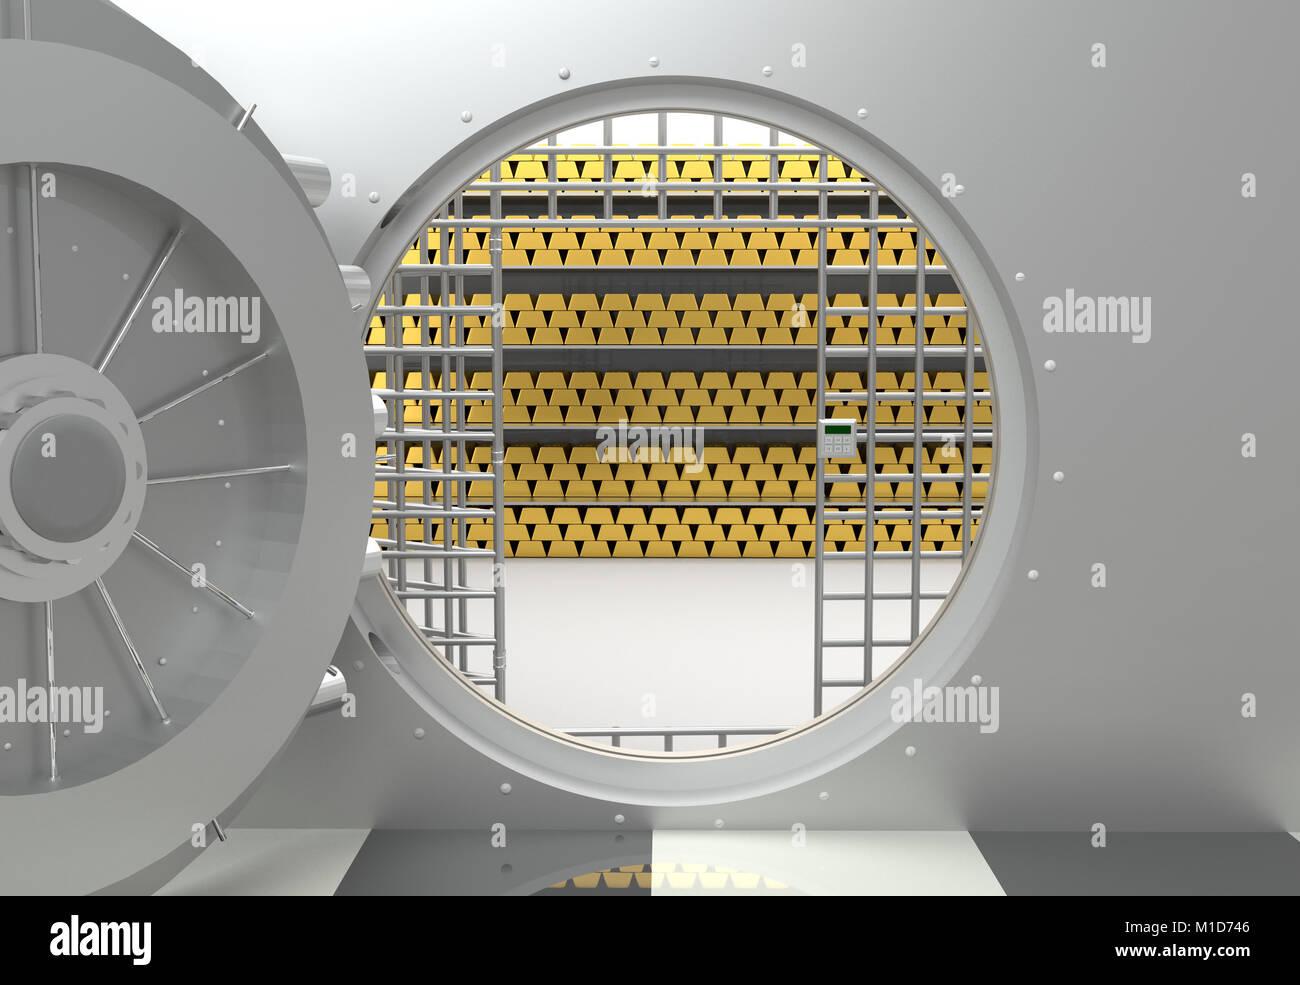 Bank vault door opened - Stock Image